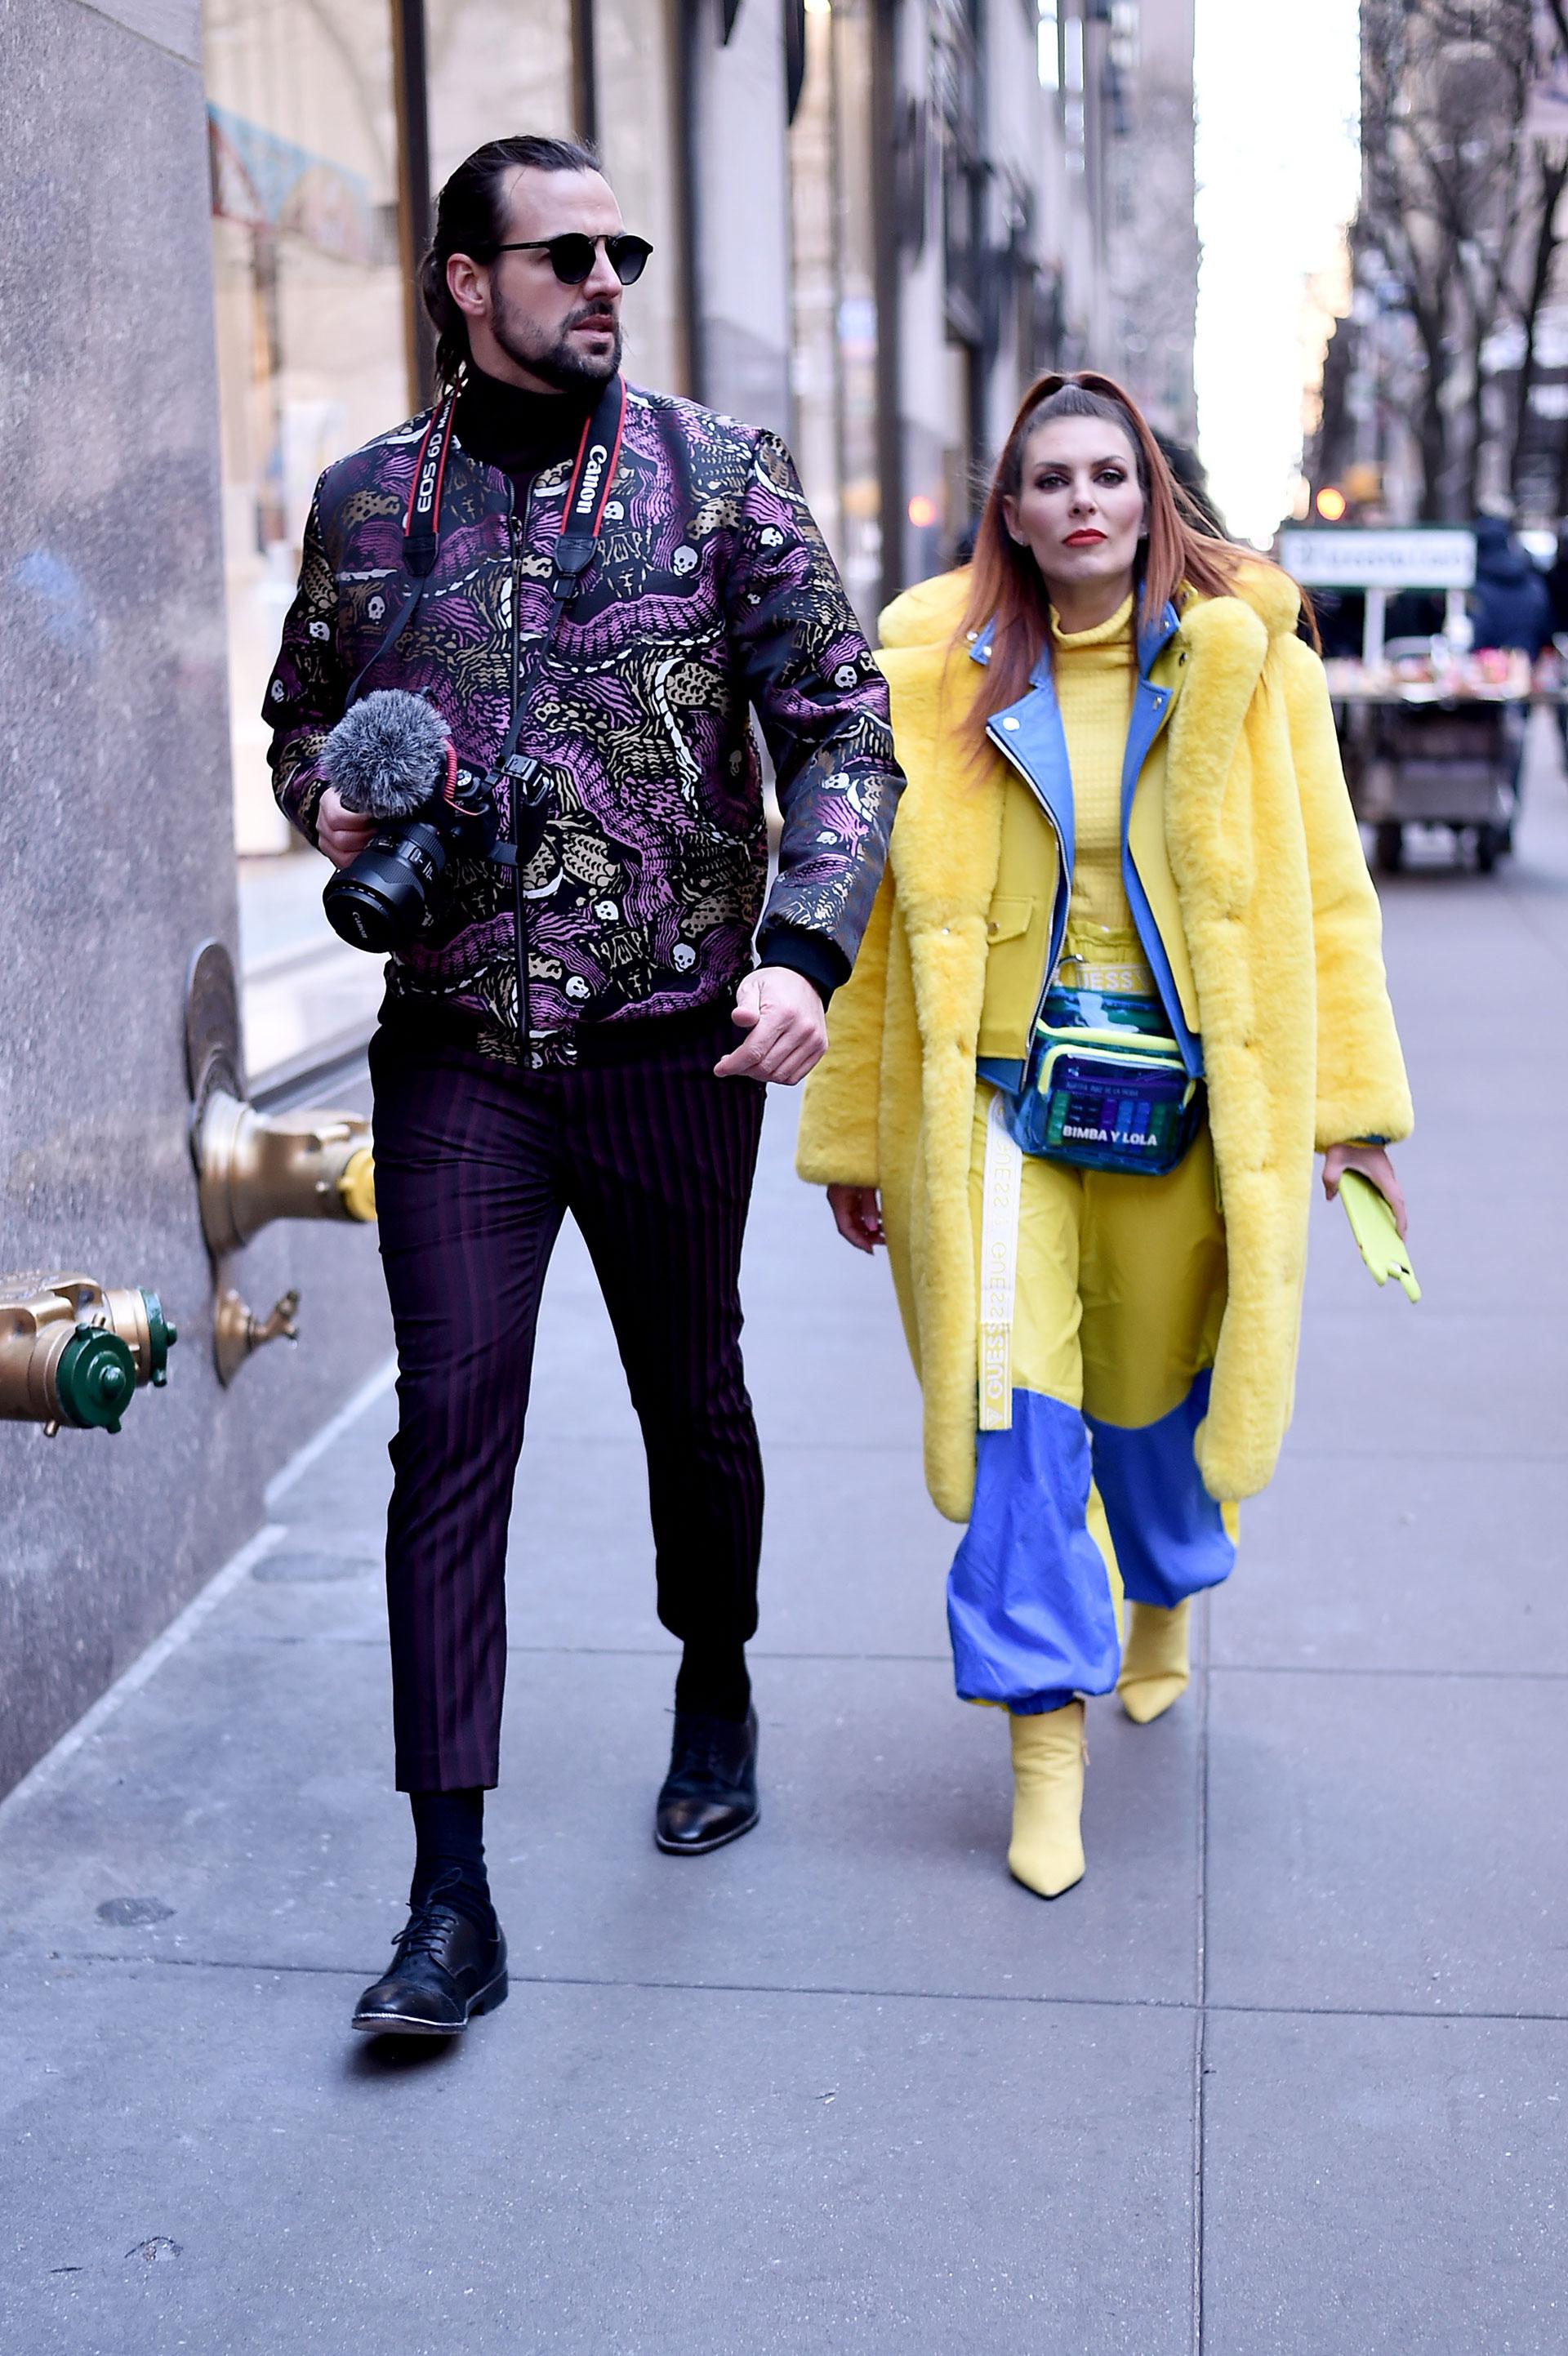 Dúo fashionista. Él con pantalón crop rayado de vestir en color púrpura, con zapatos acordonados y bomber estampada con animales. Ella con mix de texturas, piel, impermeable y cuero, todo en azul y amarillo. El detalle chic, la riñonera de pvc